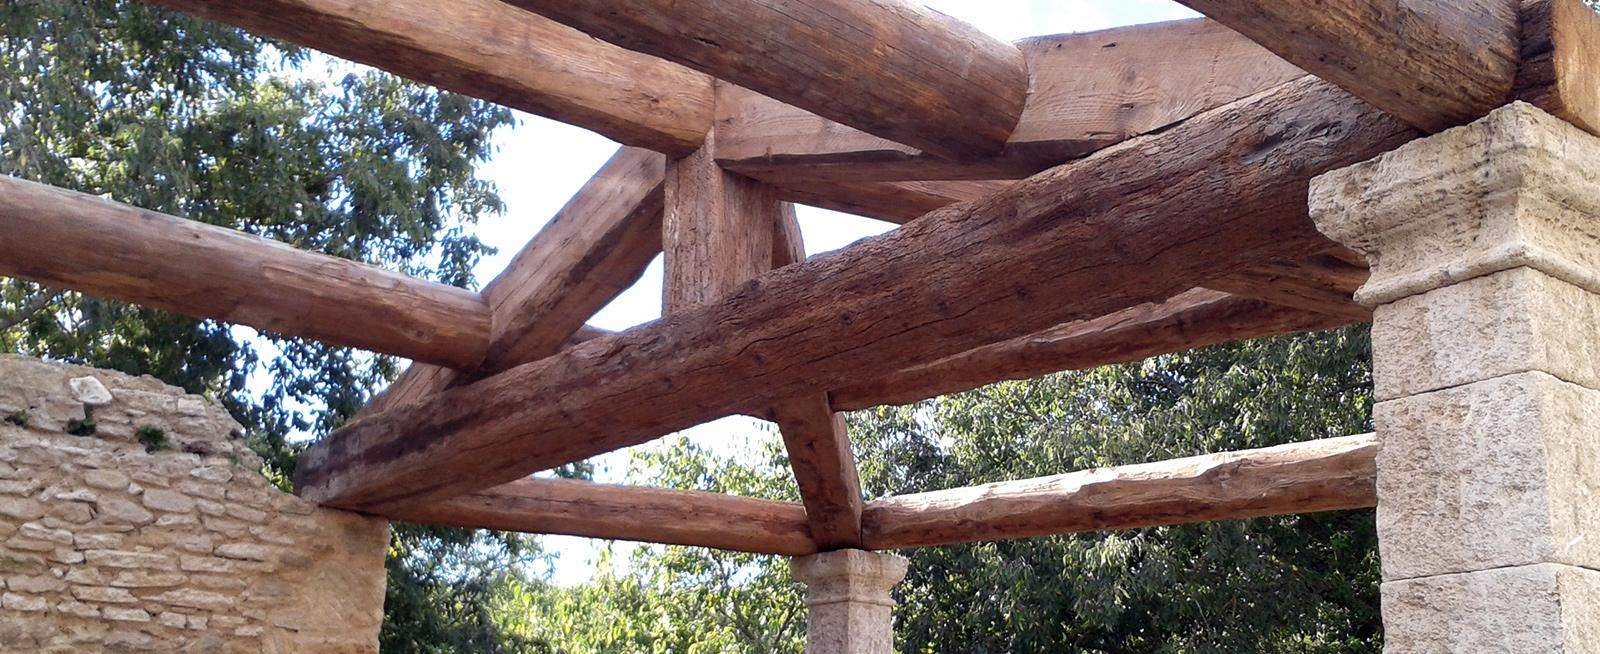 Tradi Charpente dedans tradi charpente - charpentes traditionnelles en vaucluse